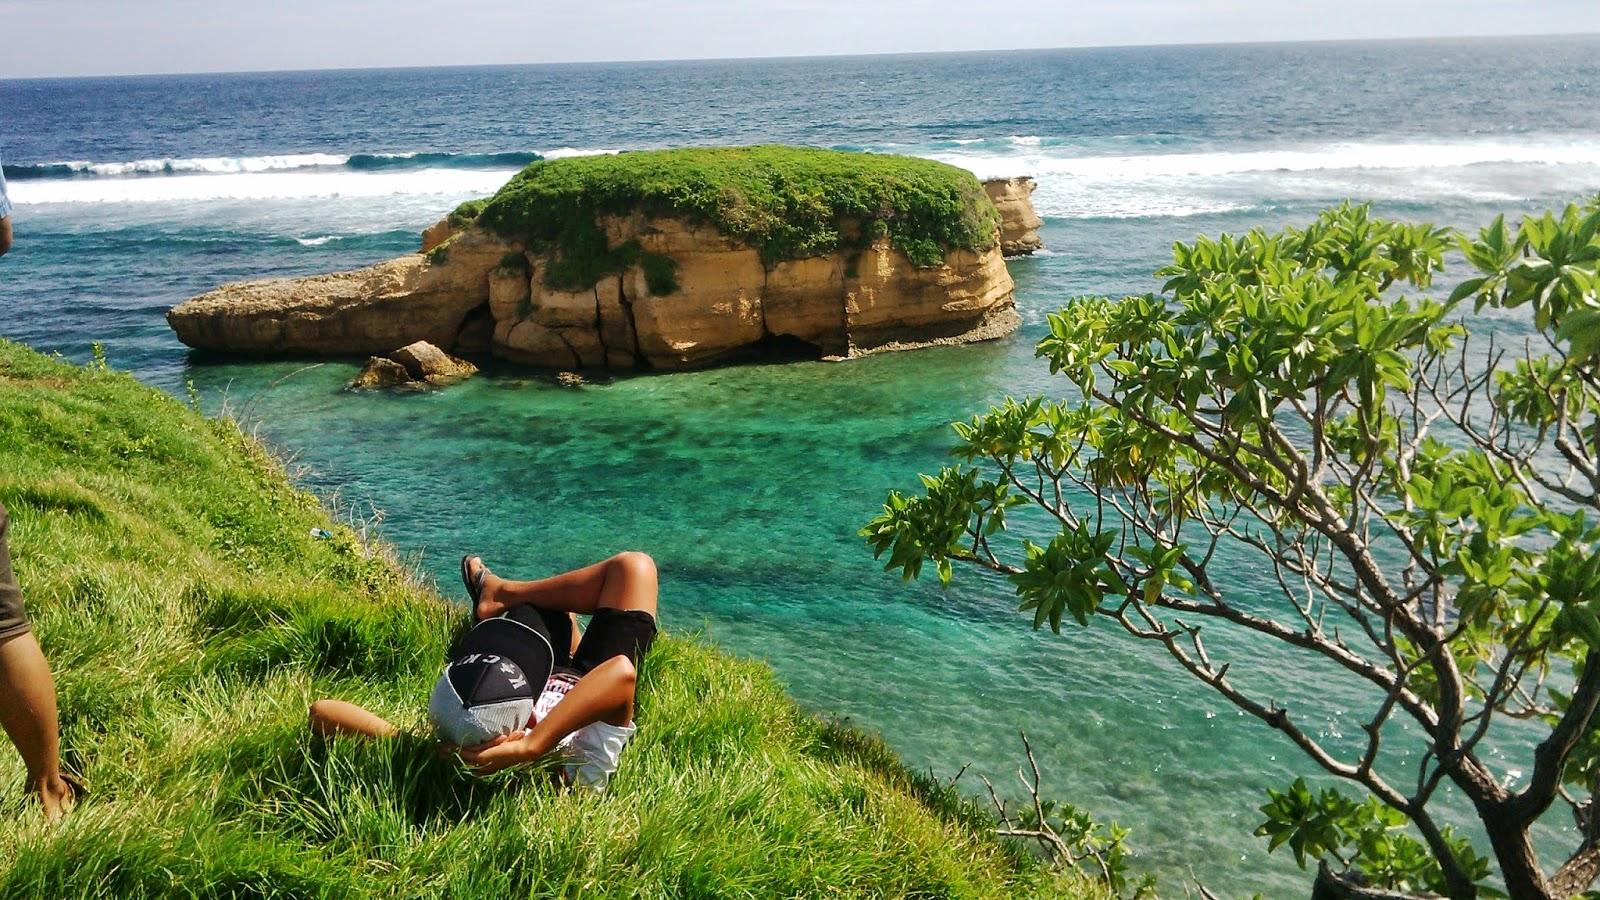 Pantai Sungkun Surga Tersembunyi Di Lombok Timur Informatics Student